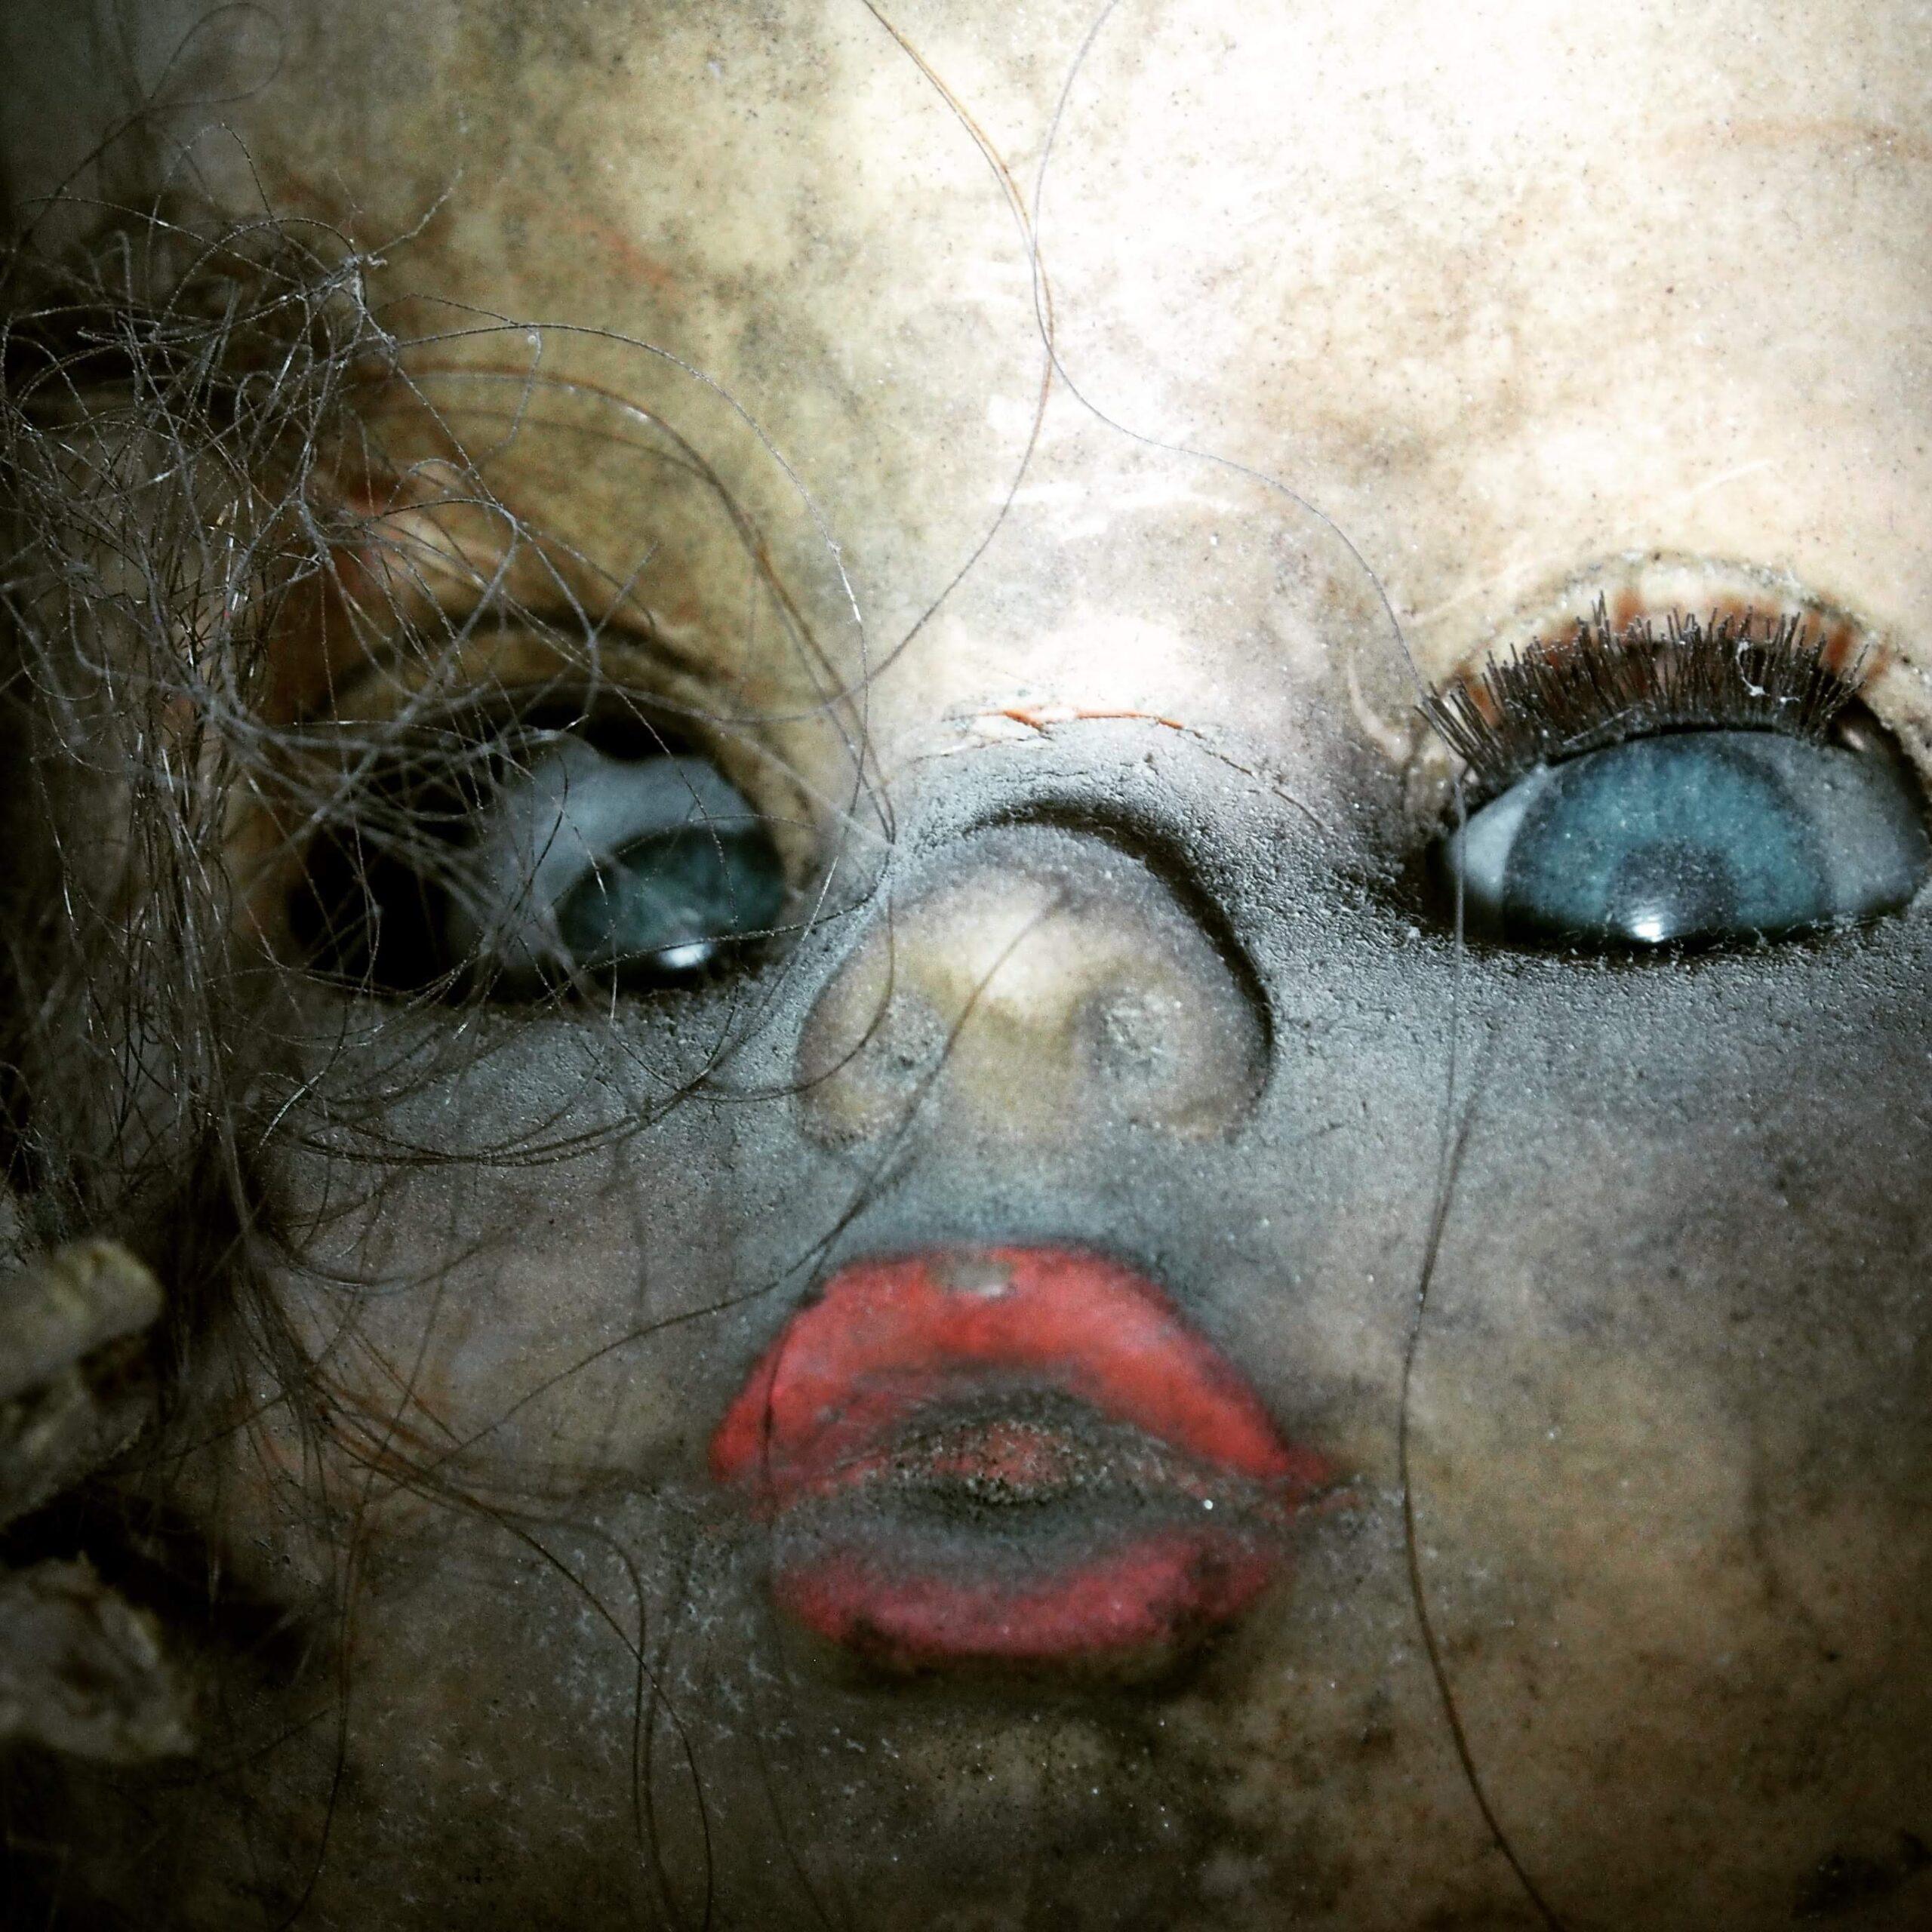 L'hôpital des poupées#07 2020 stampa Fine Art 40x30 cm